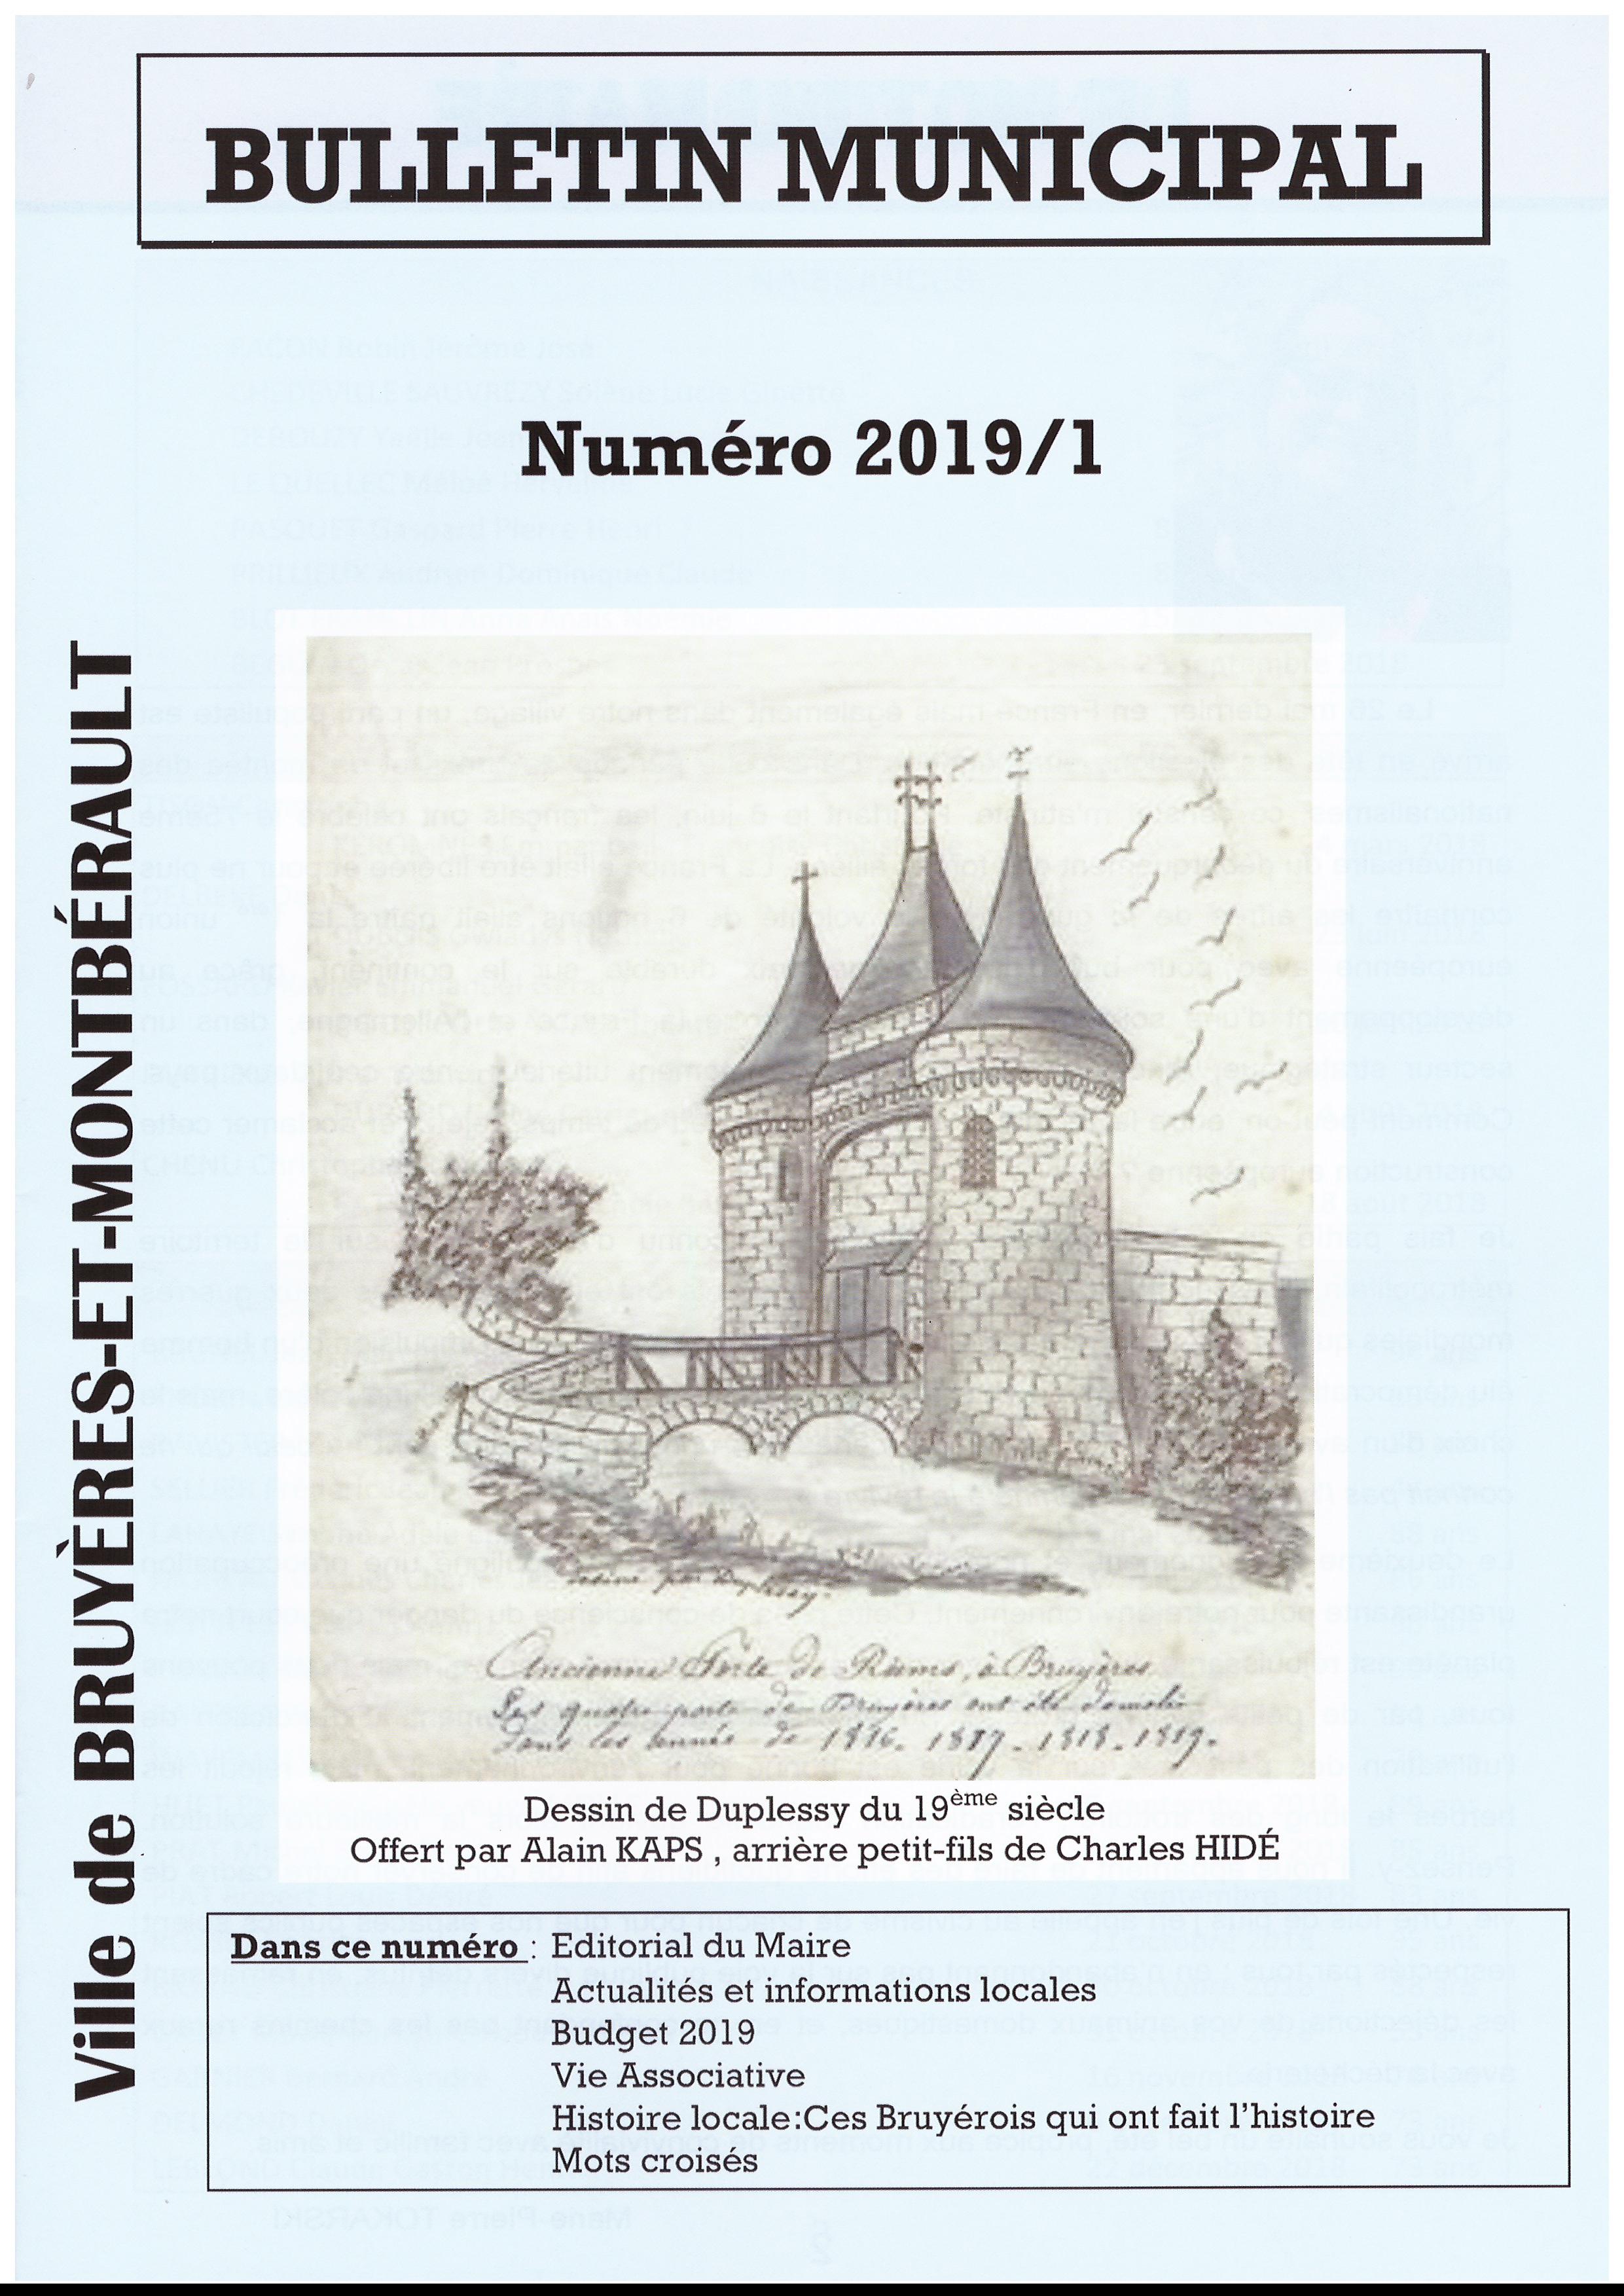 Bulletin Municipal n° juin 2019 - 1